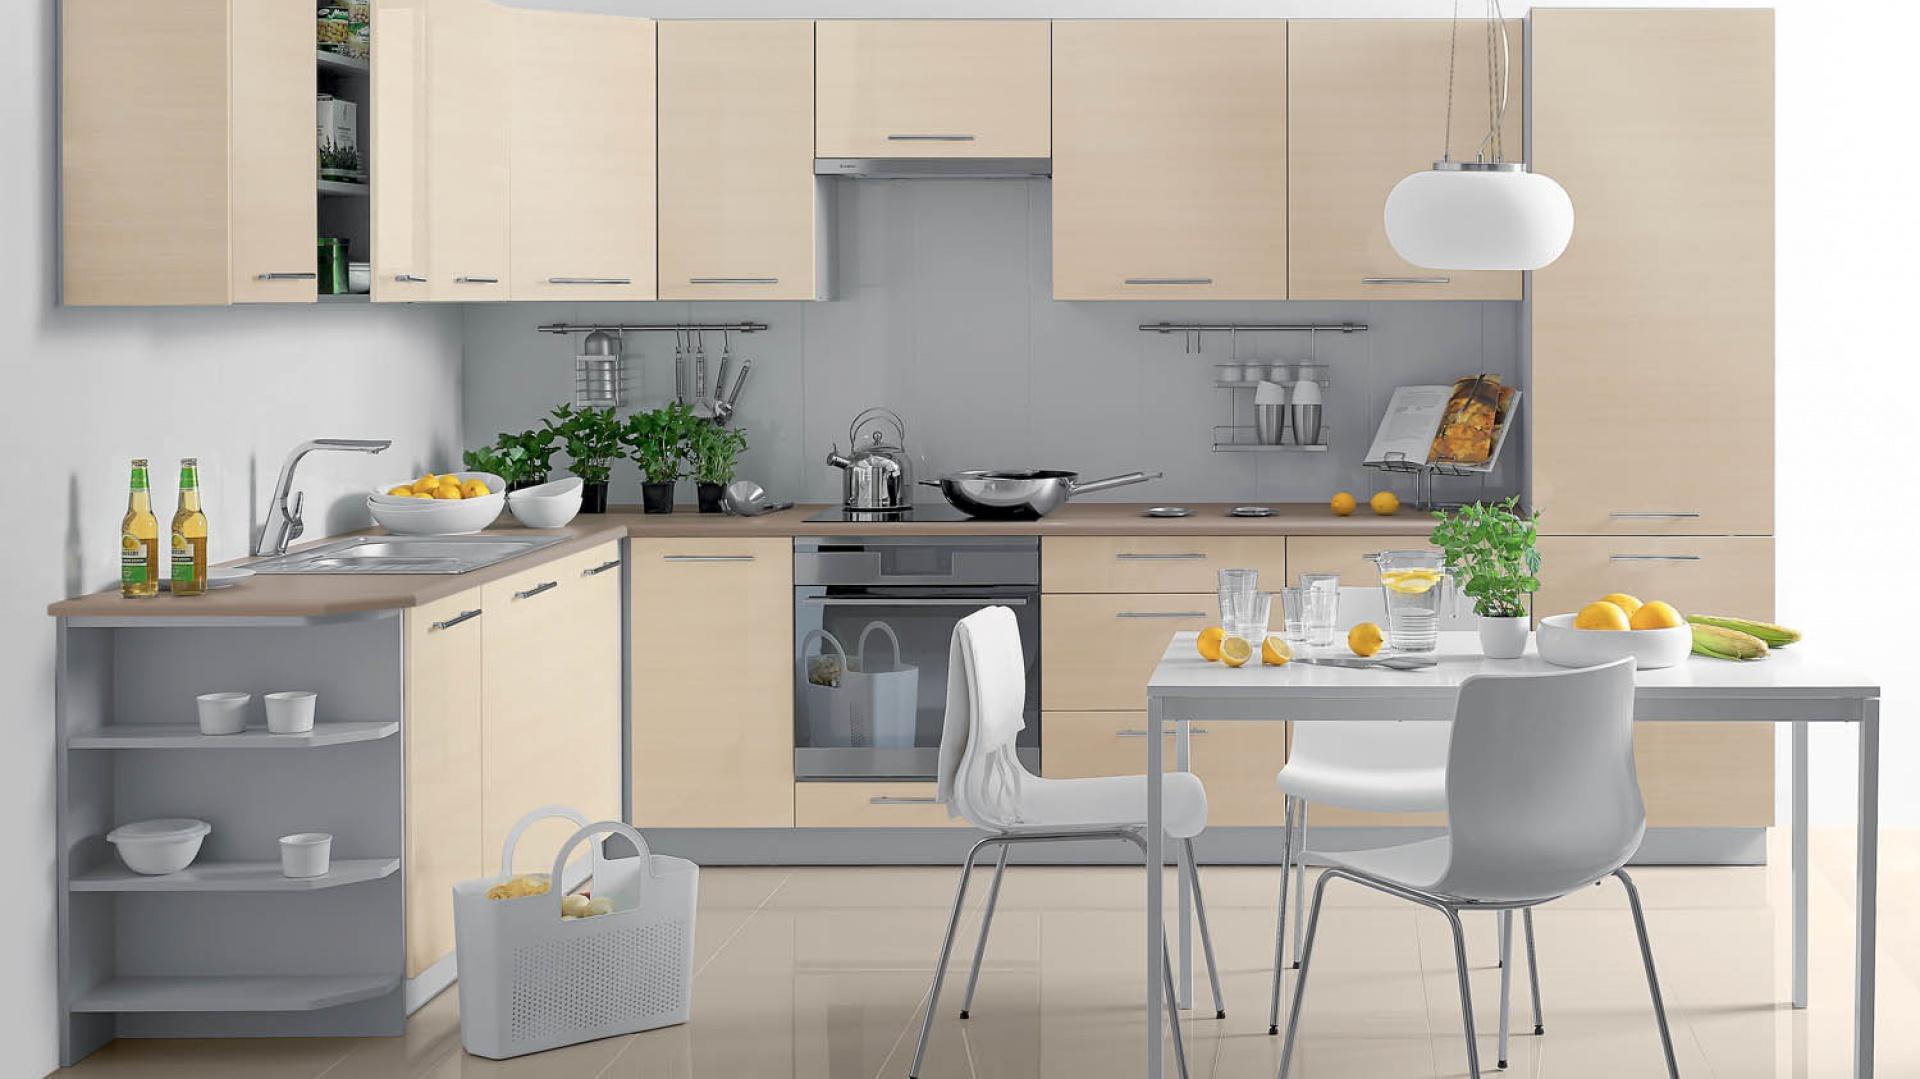 Zestaw mebli kuchennych Kuchnia w małym mieszkaniu Jak mądrze ją urządz   -> Castorama Inspiracje Kuchnia